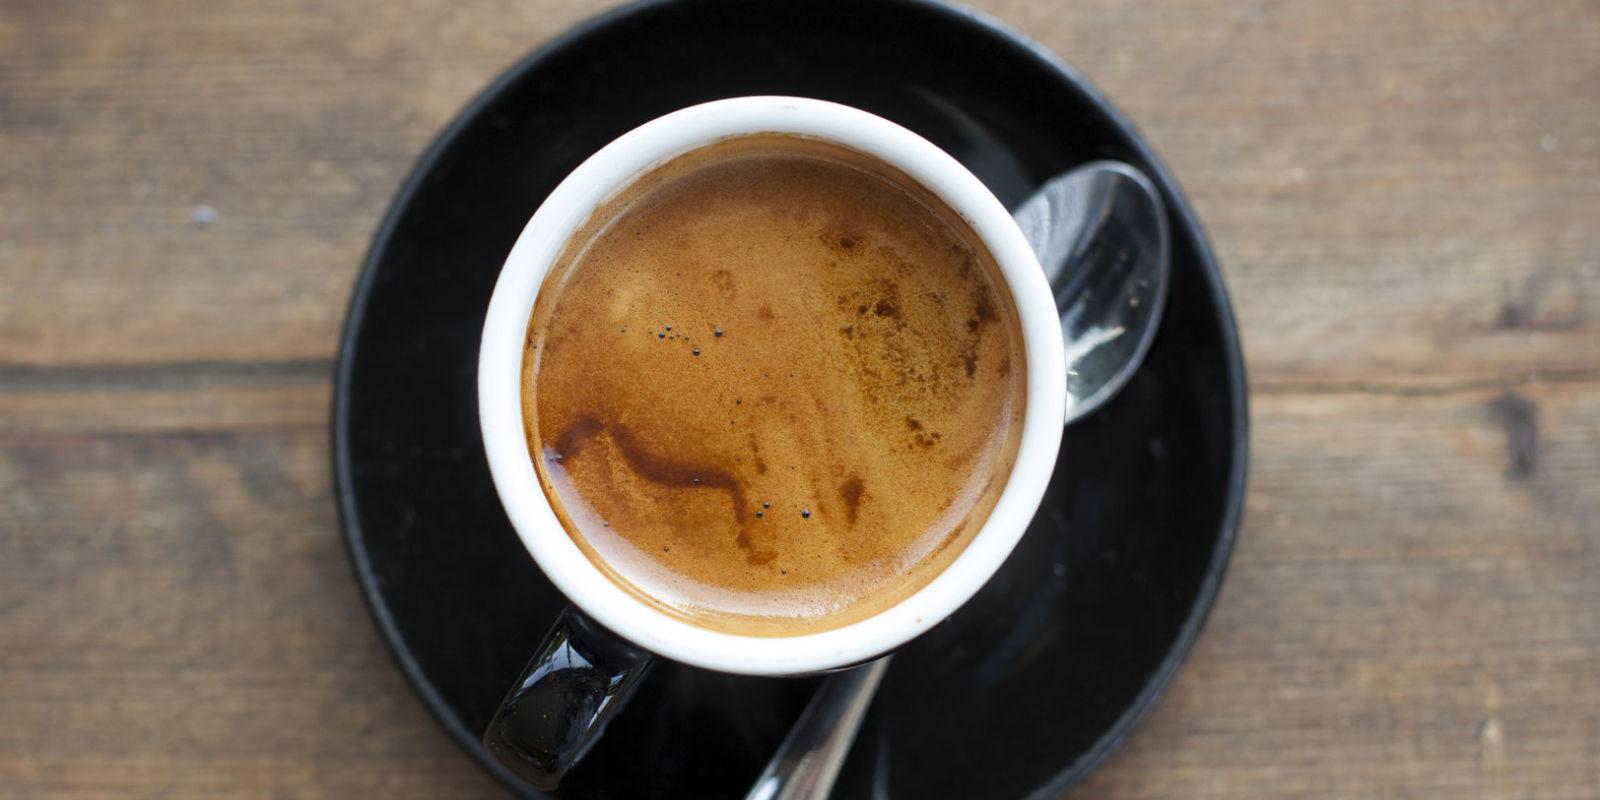 Jack Daniels Coffee - Where to Buy Jack Daniels Coffee Beans